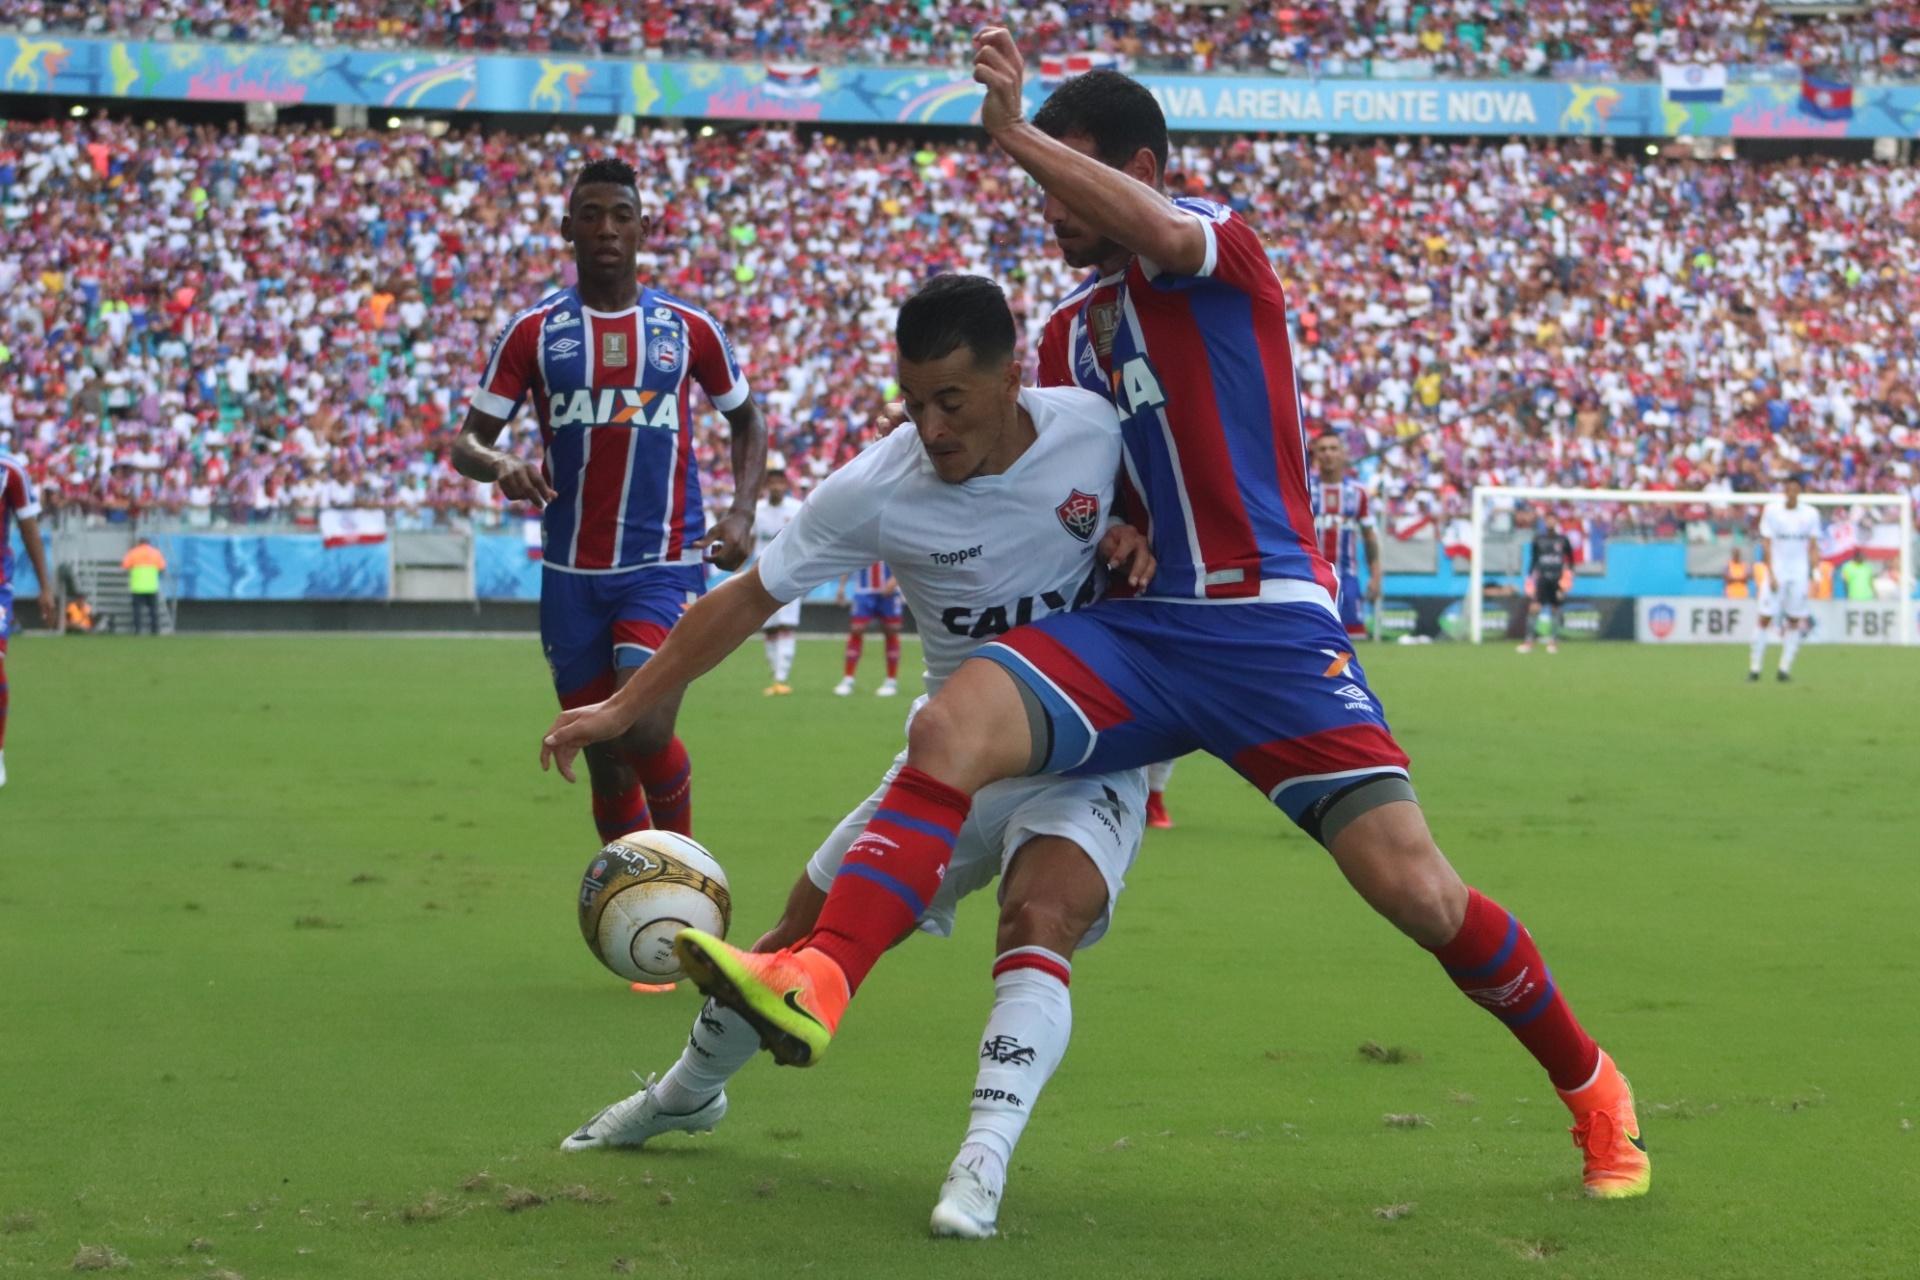 Bahia e Vitória decidem título no Barradão. Veja tabus que estão em jogo -  08 04 2018 - UOL Esporte 171a41d296046